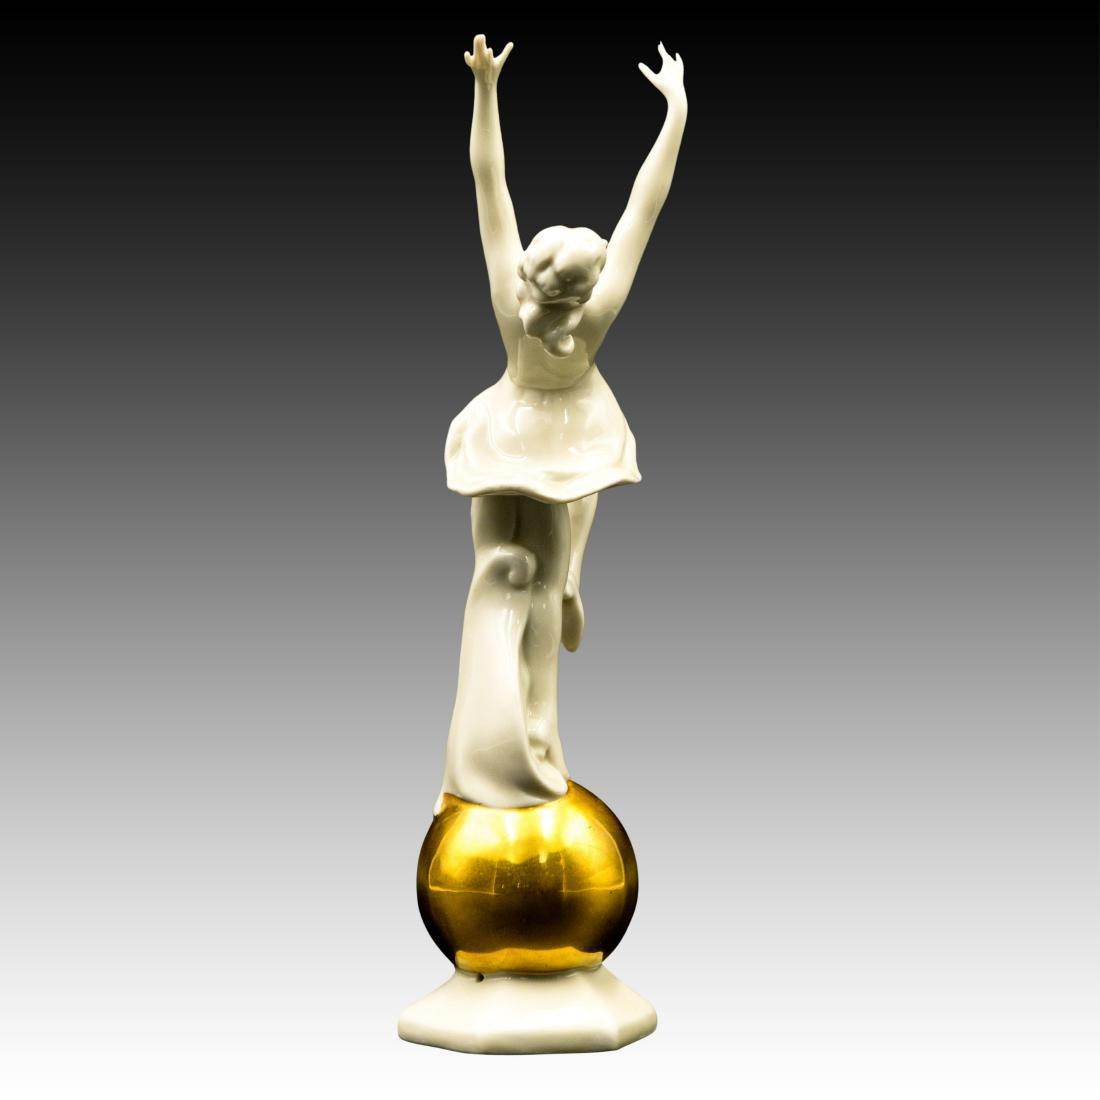 Art Deco Female Dancer on Golden Globe - 2